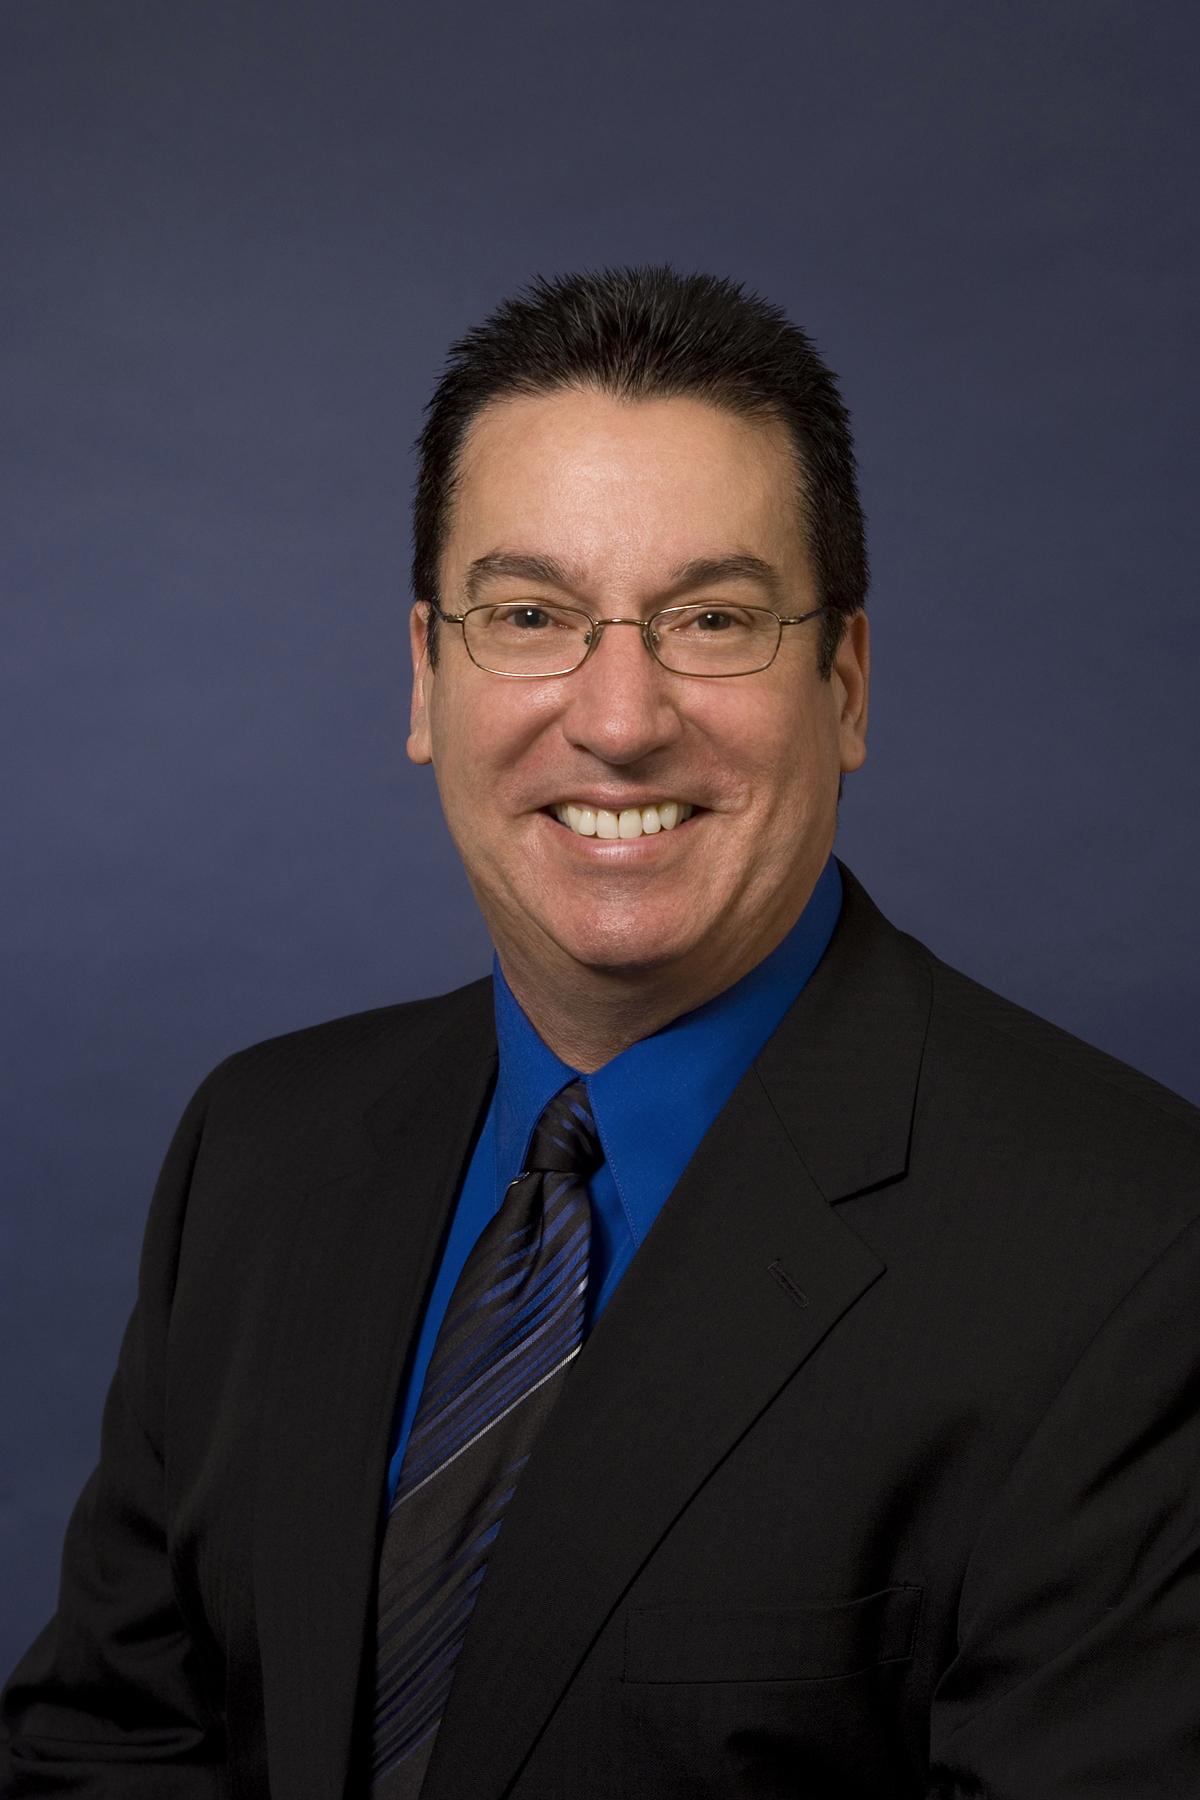 Ted Boyce